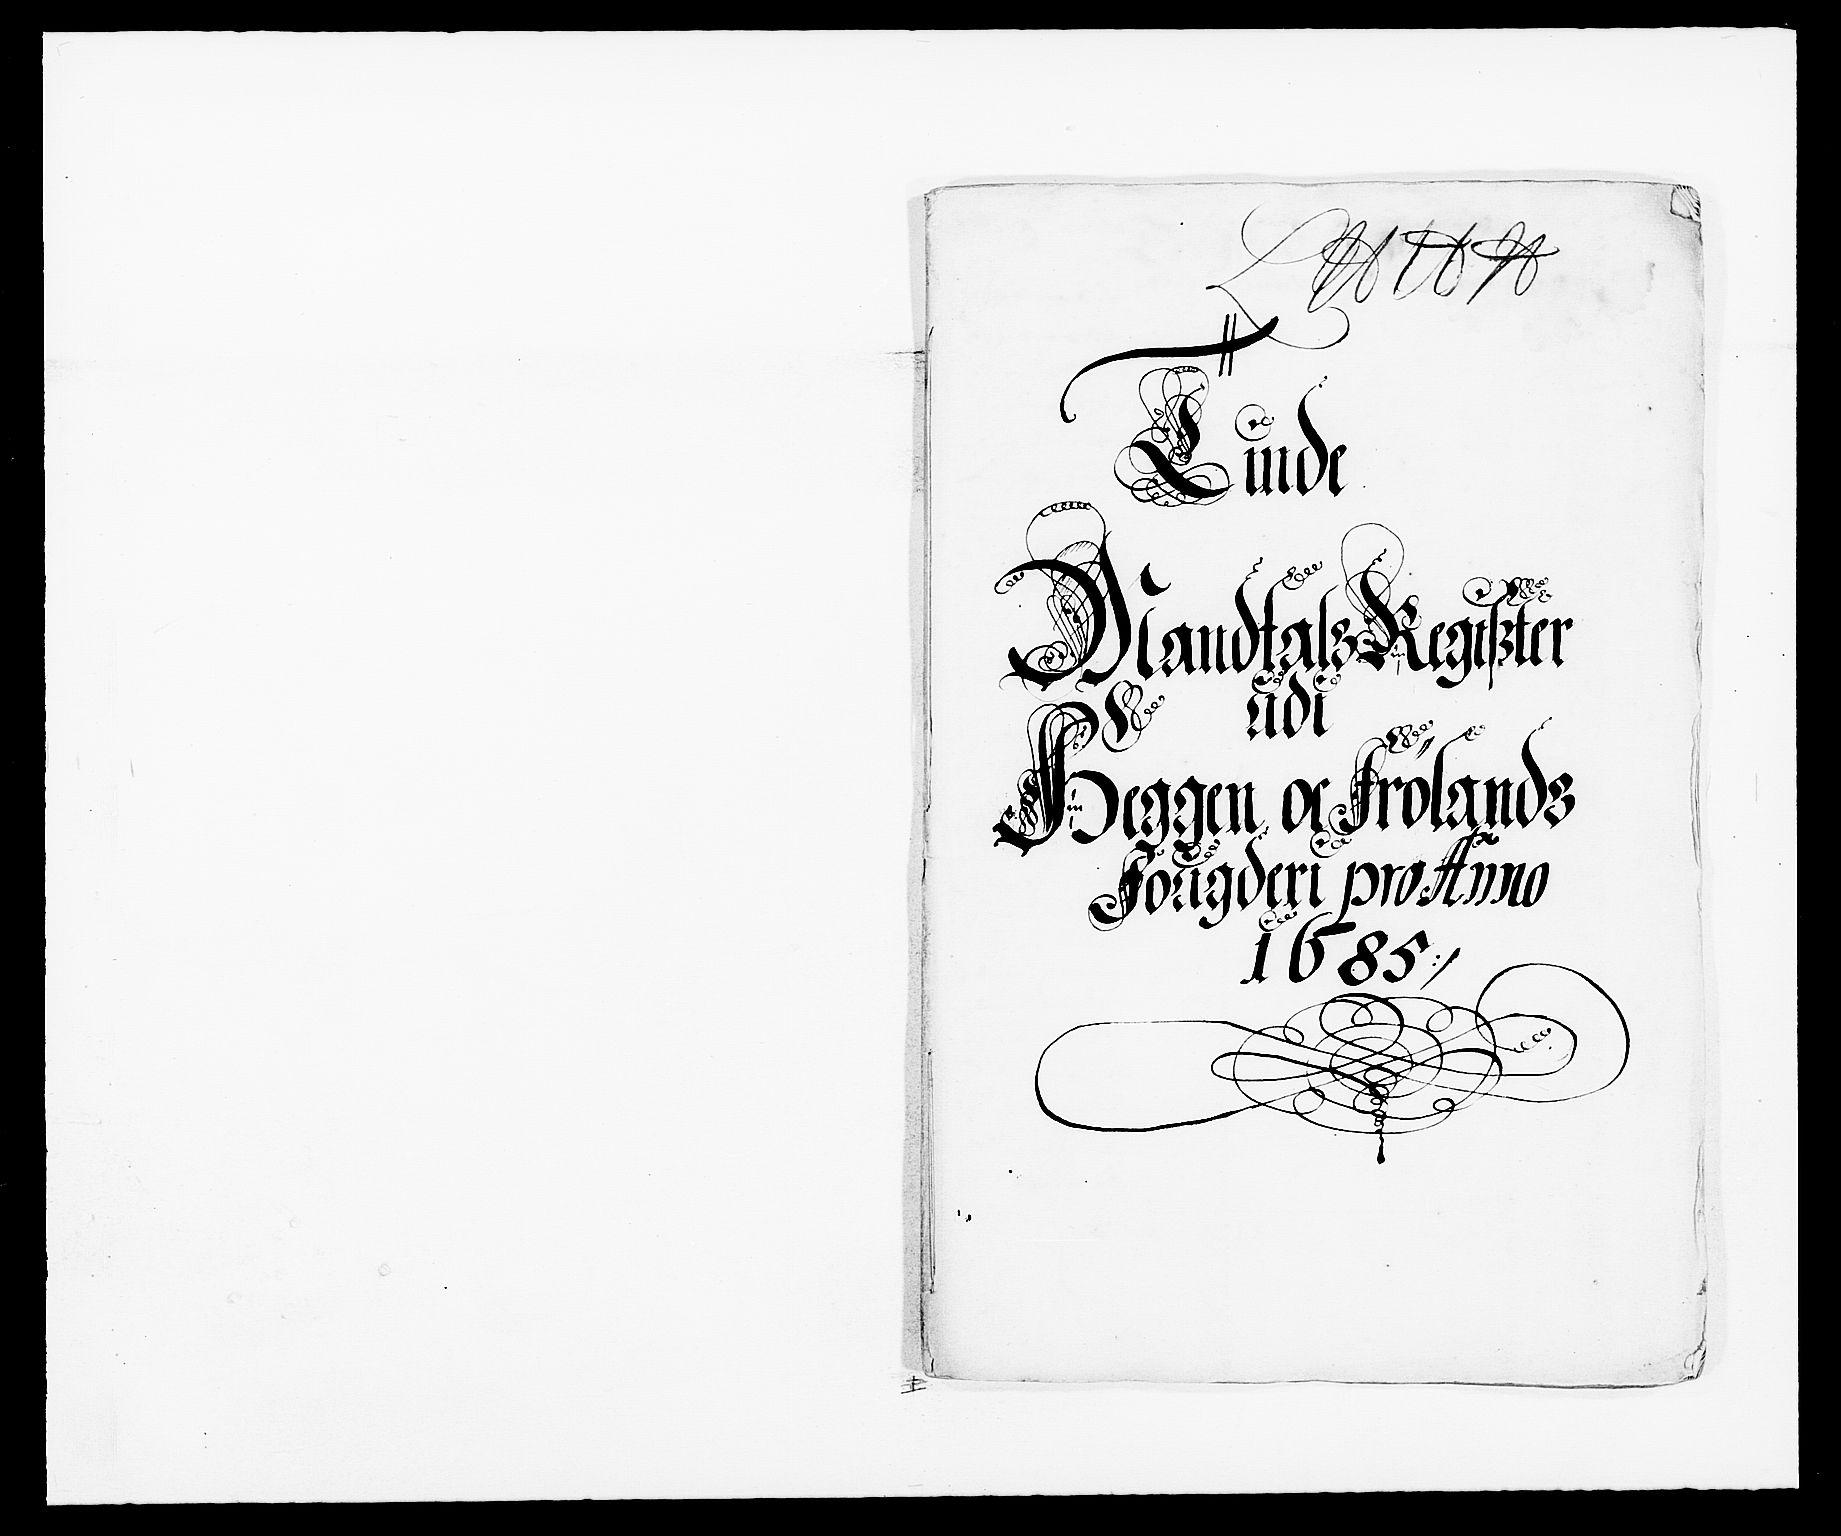 RA, Rentekammeret inntil 1814, Reviderte regnskaper, Fogderegnskap, R06/L0281: Fogderegnskap Heggen og Frøland, 1678-1686, s. 8